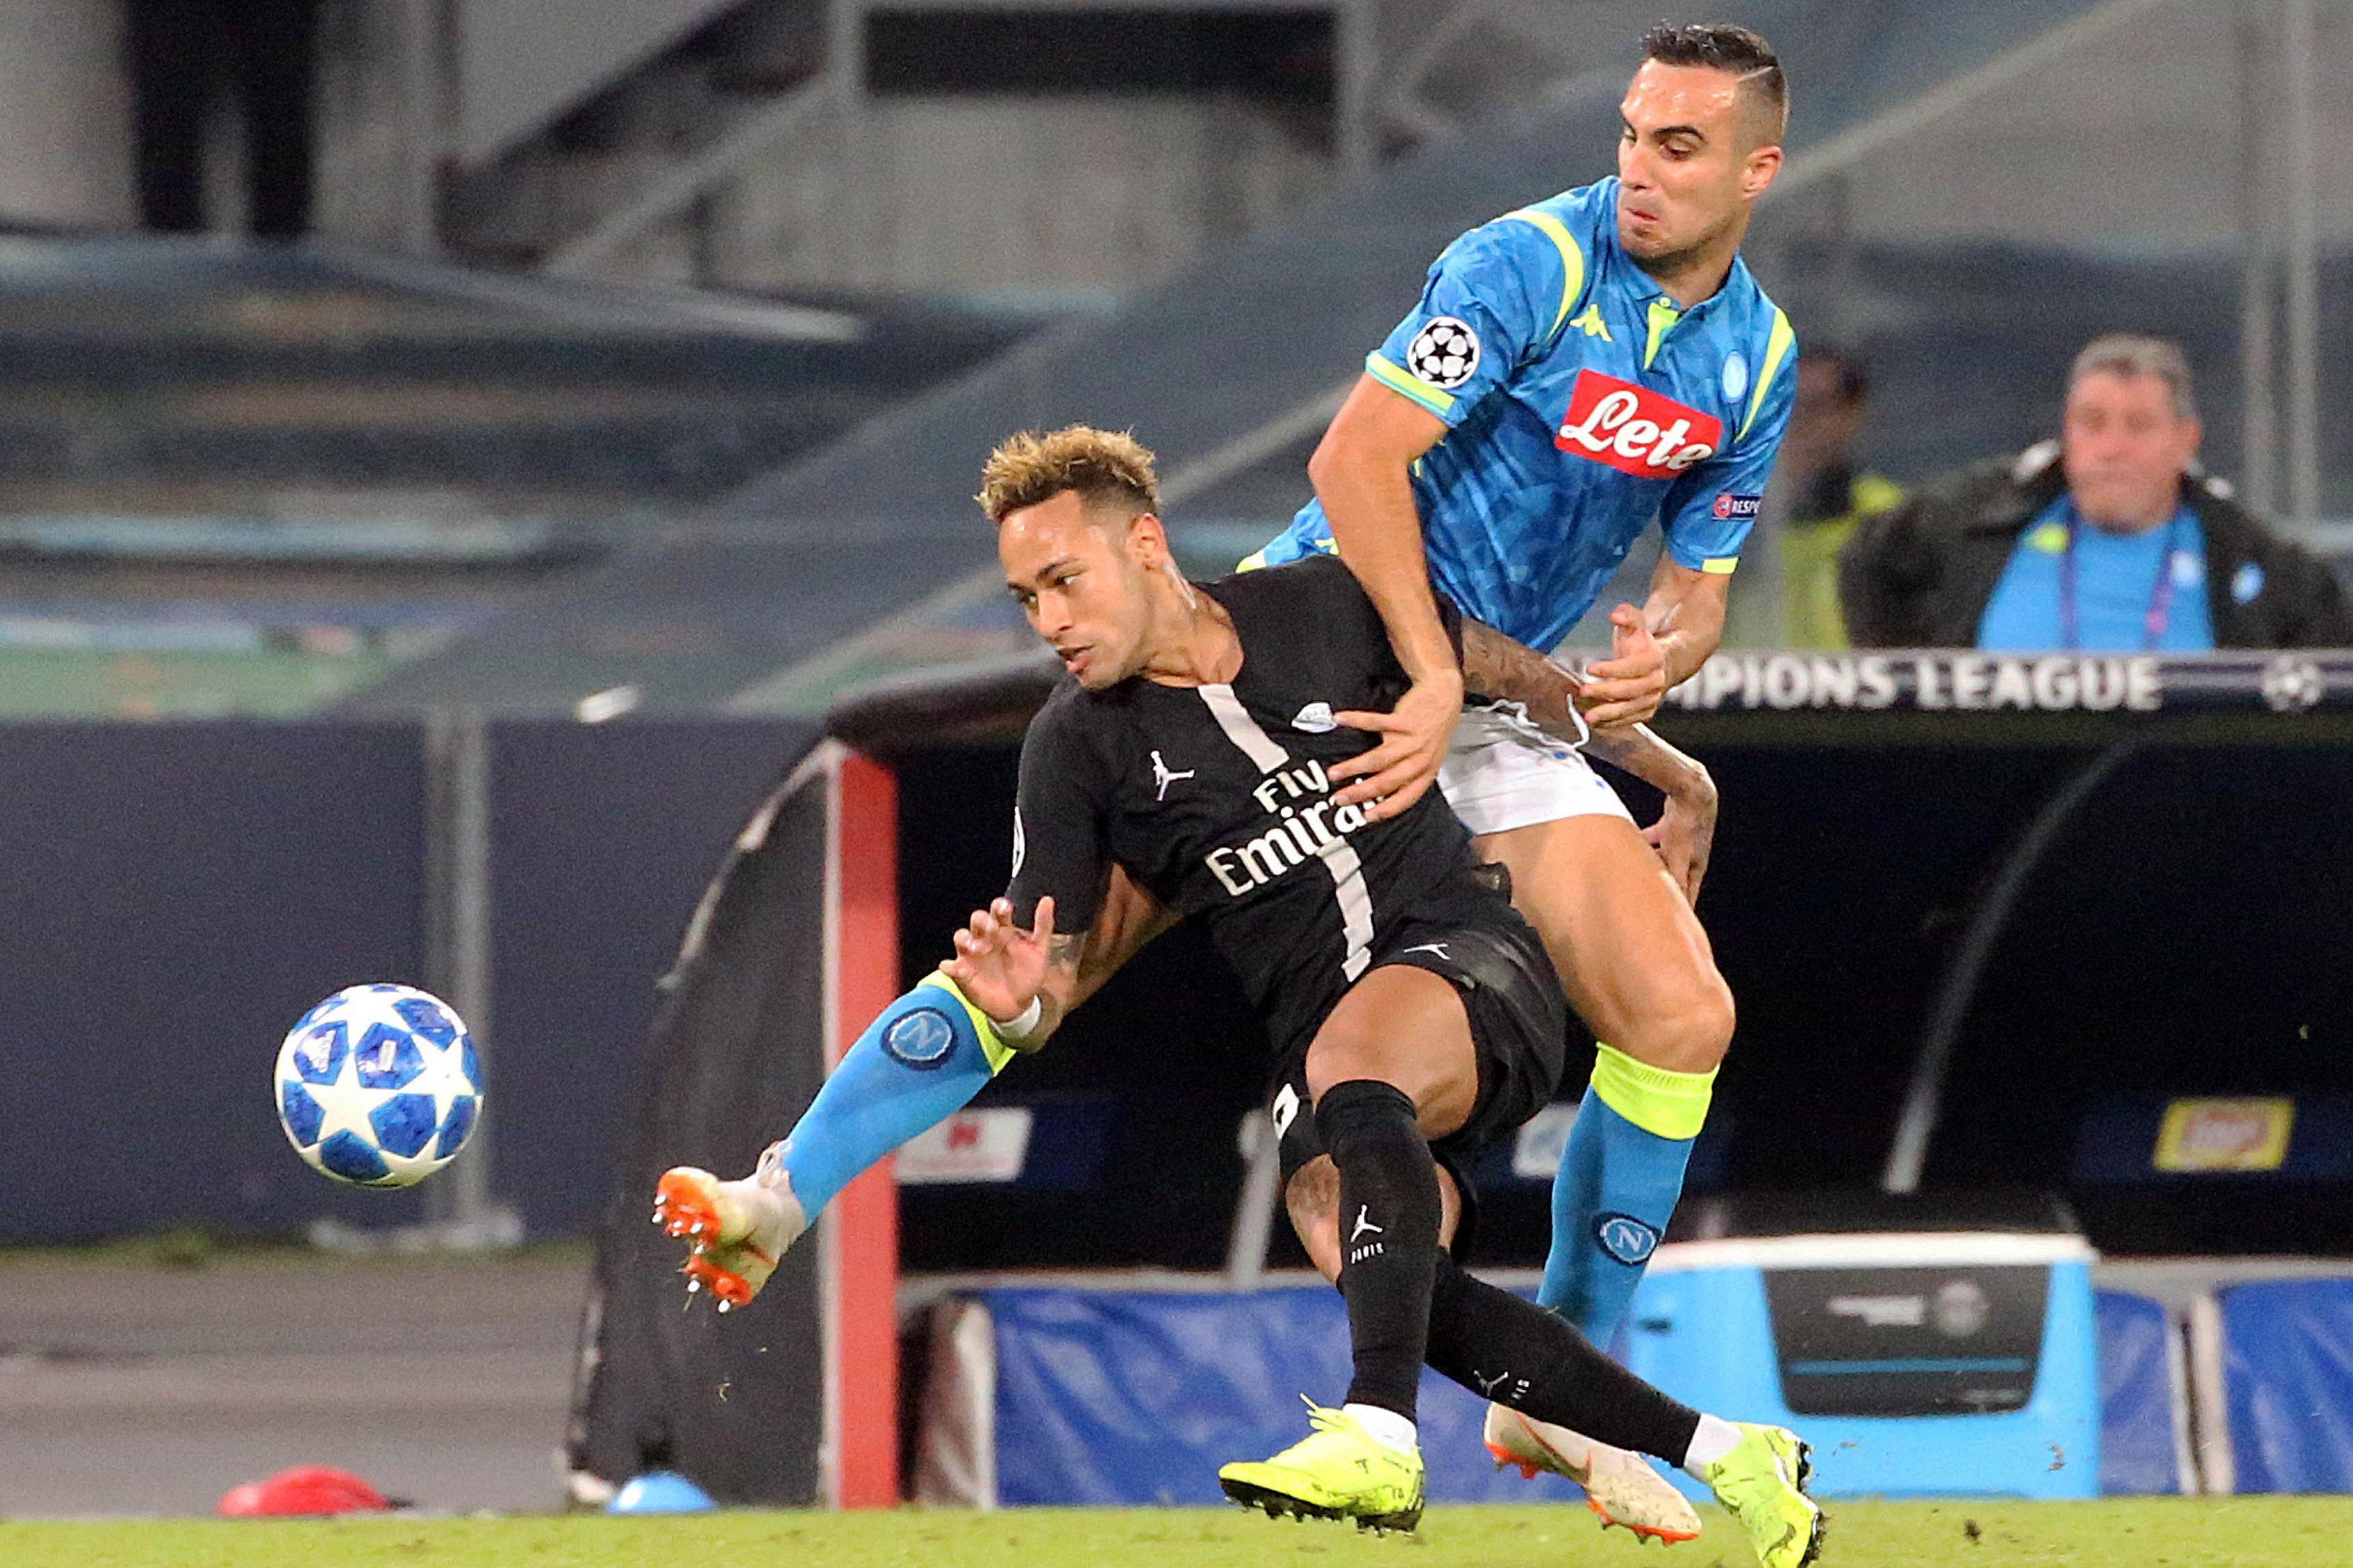 C1 : Quelles sont les chances de qualification de Naples